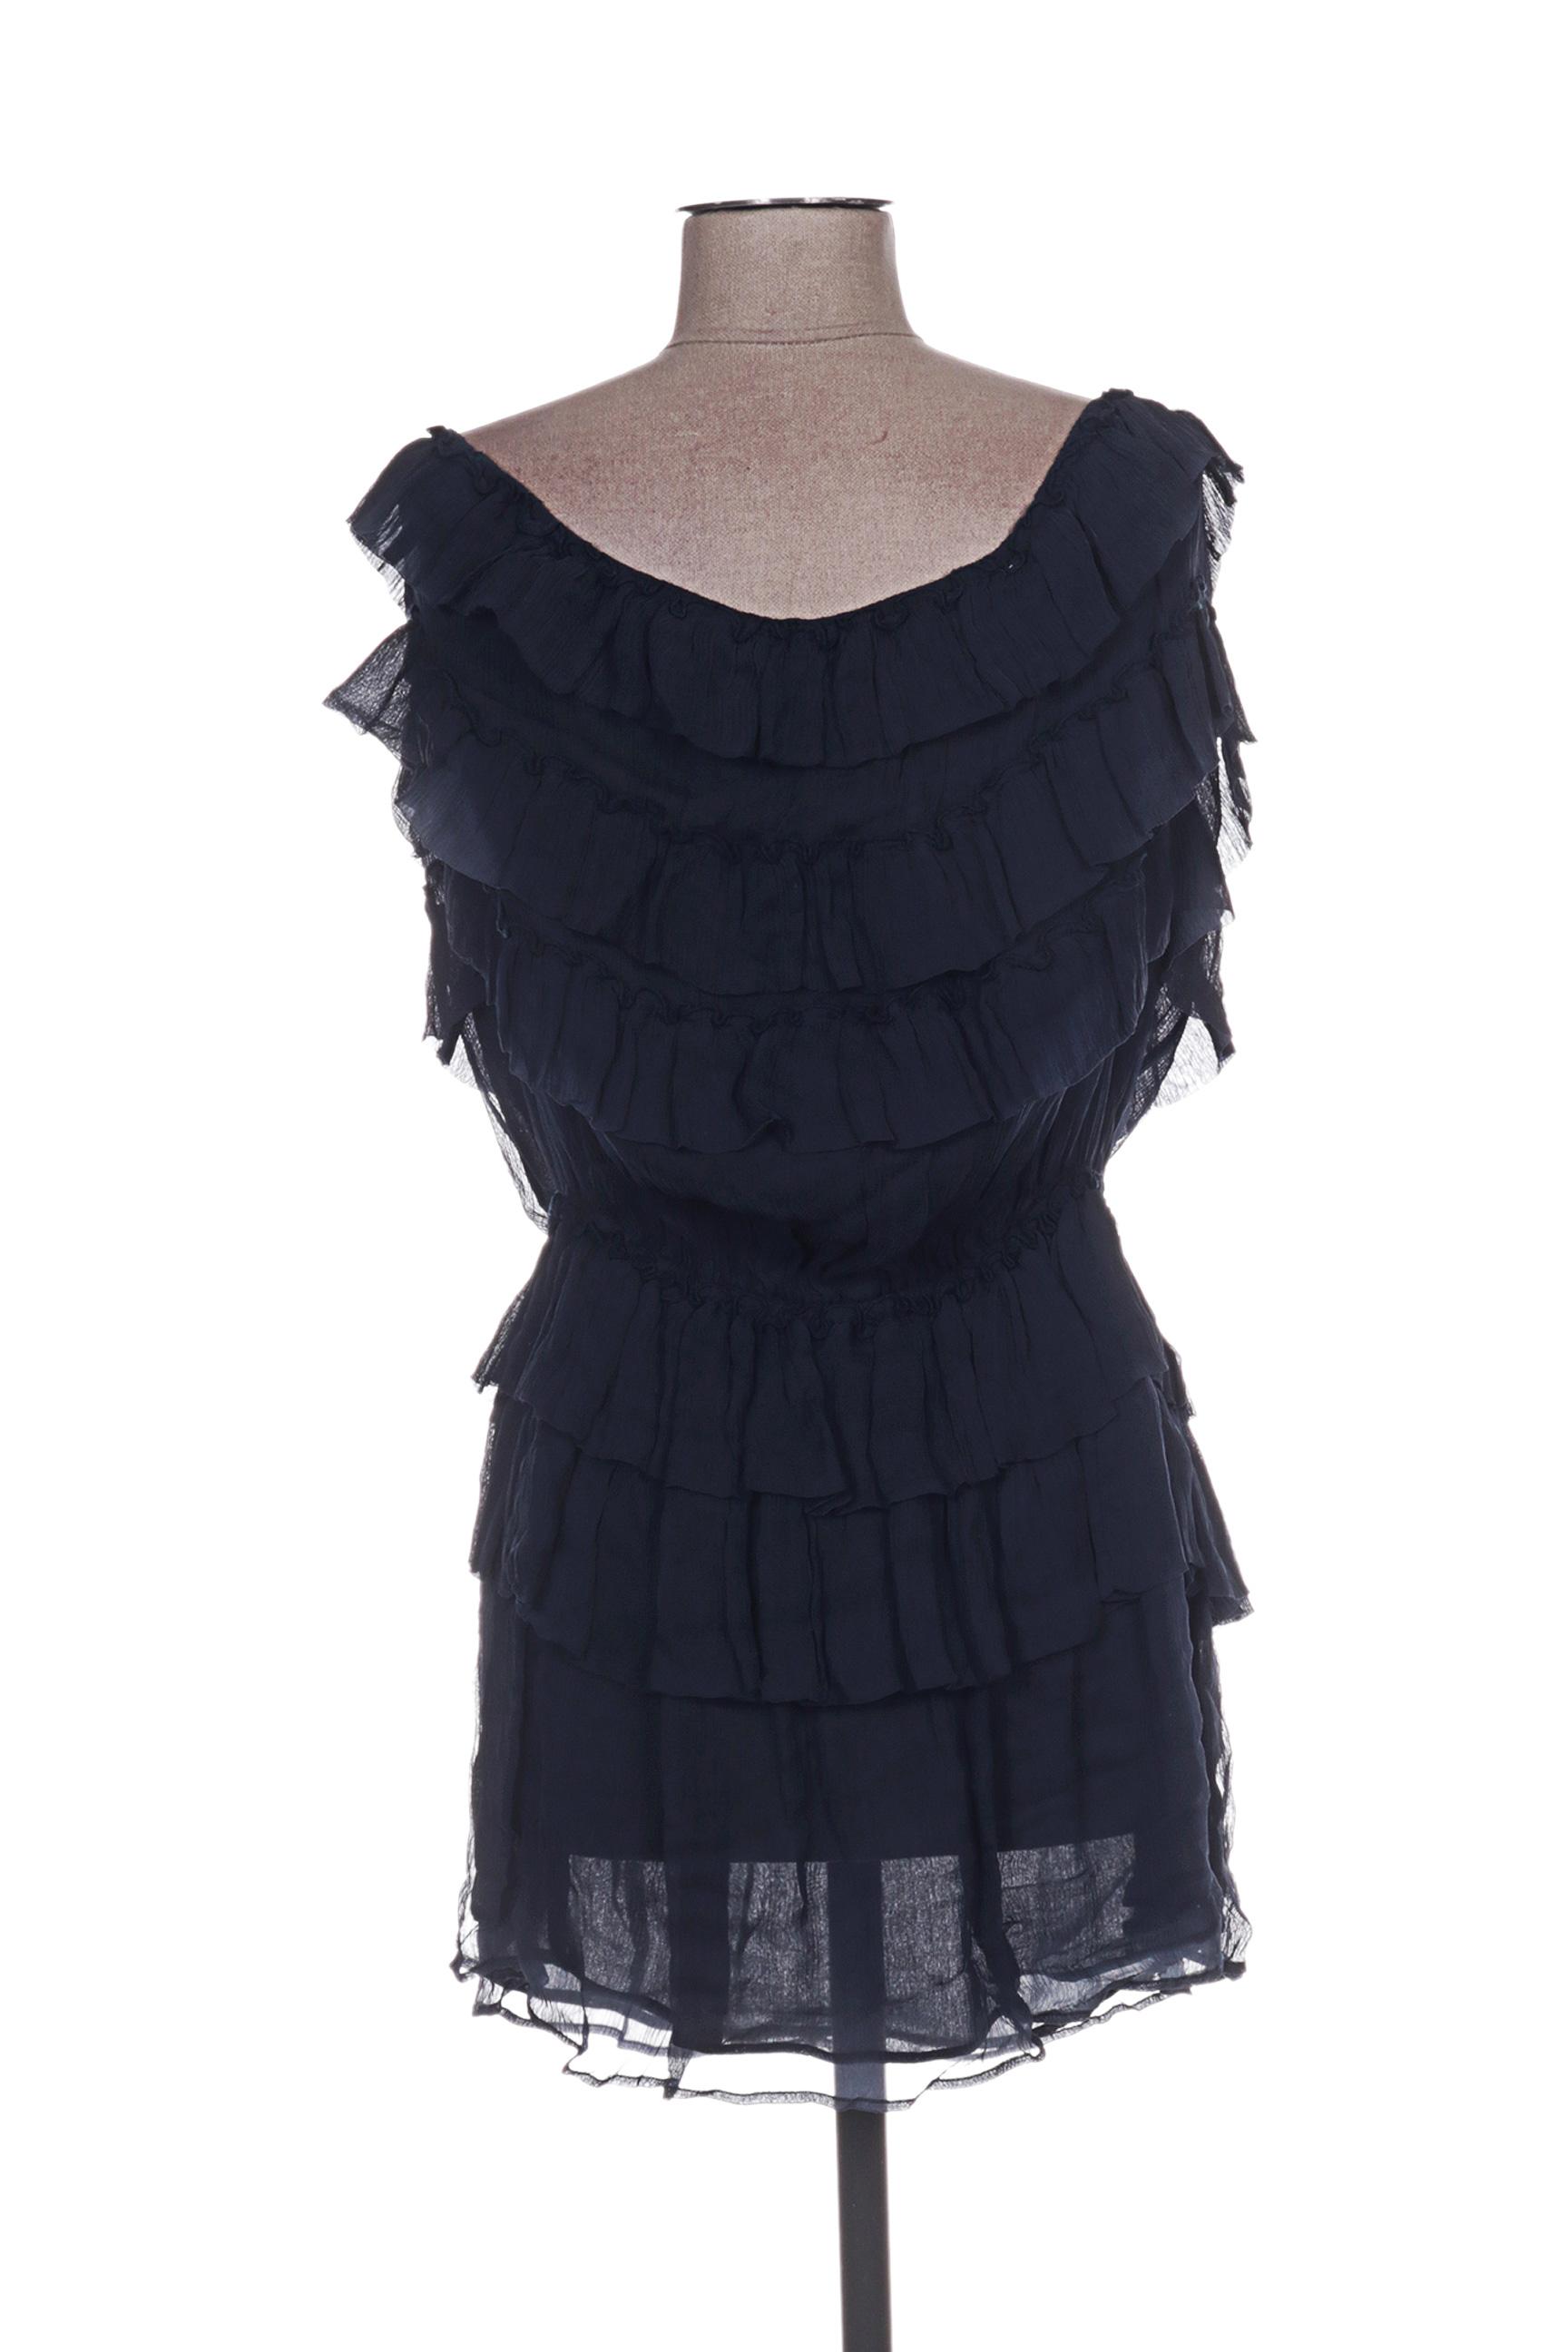 Belair Robes Courtes Femme De Couleur Bleu En Soldes Pas Cher 1261414-bleu00